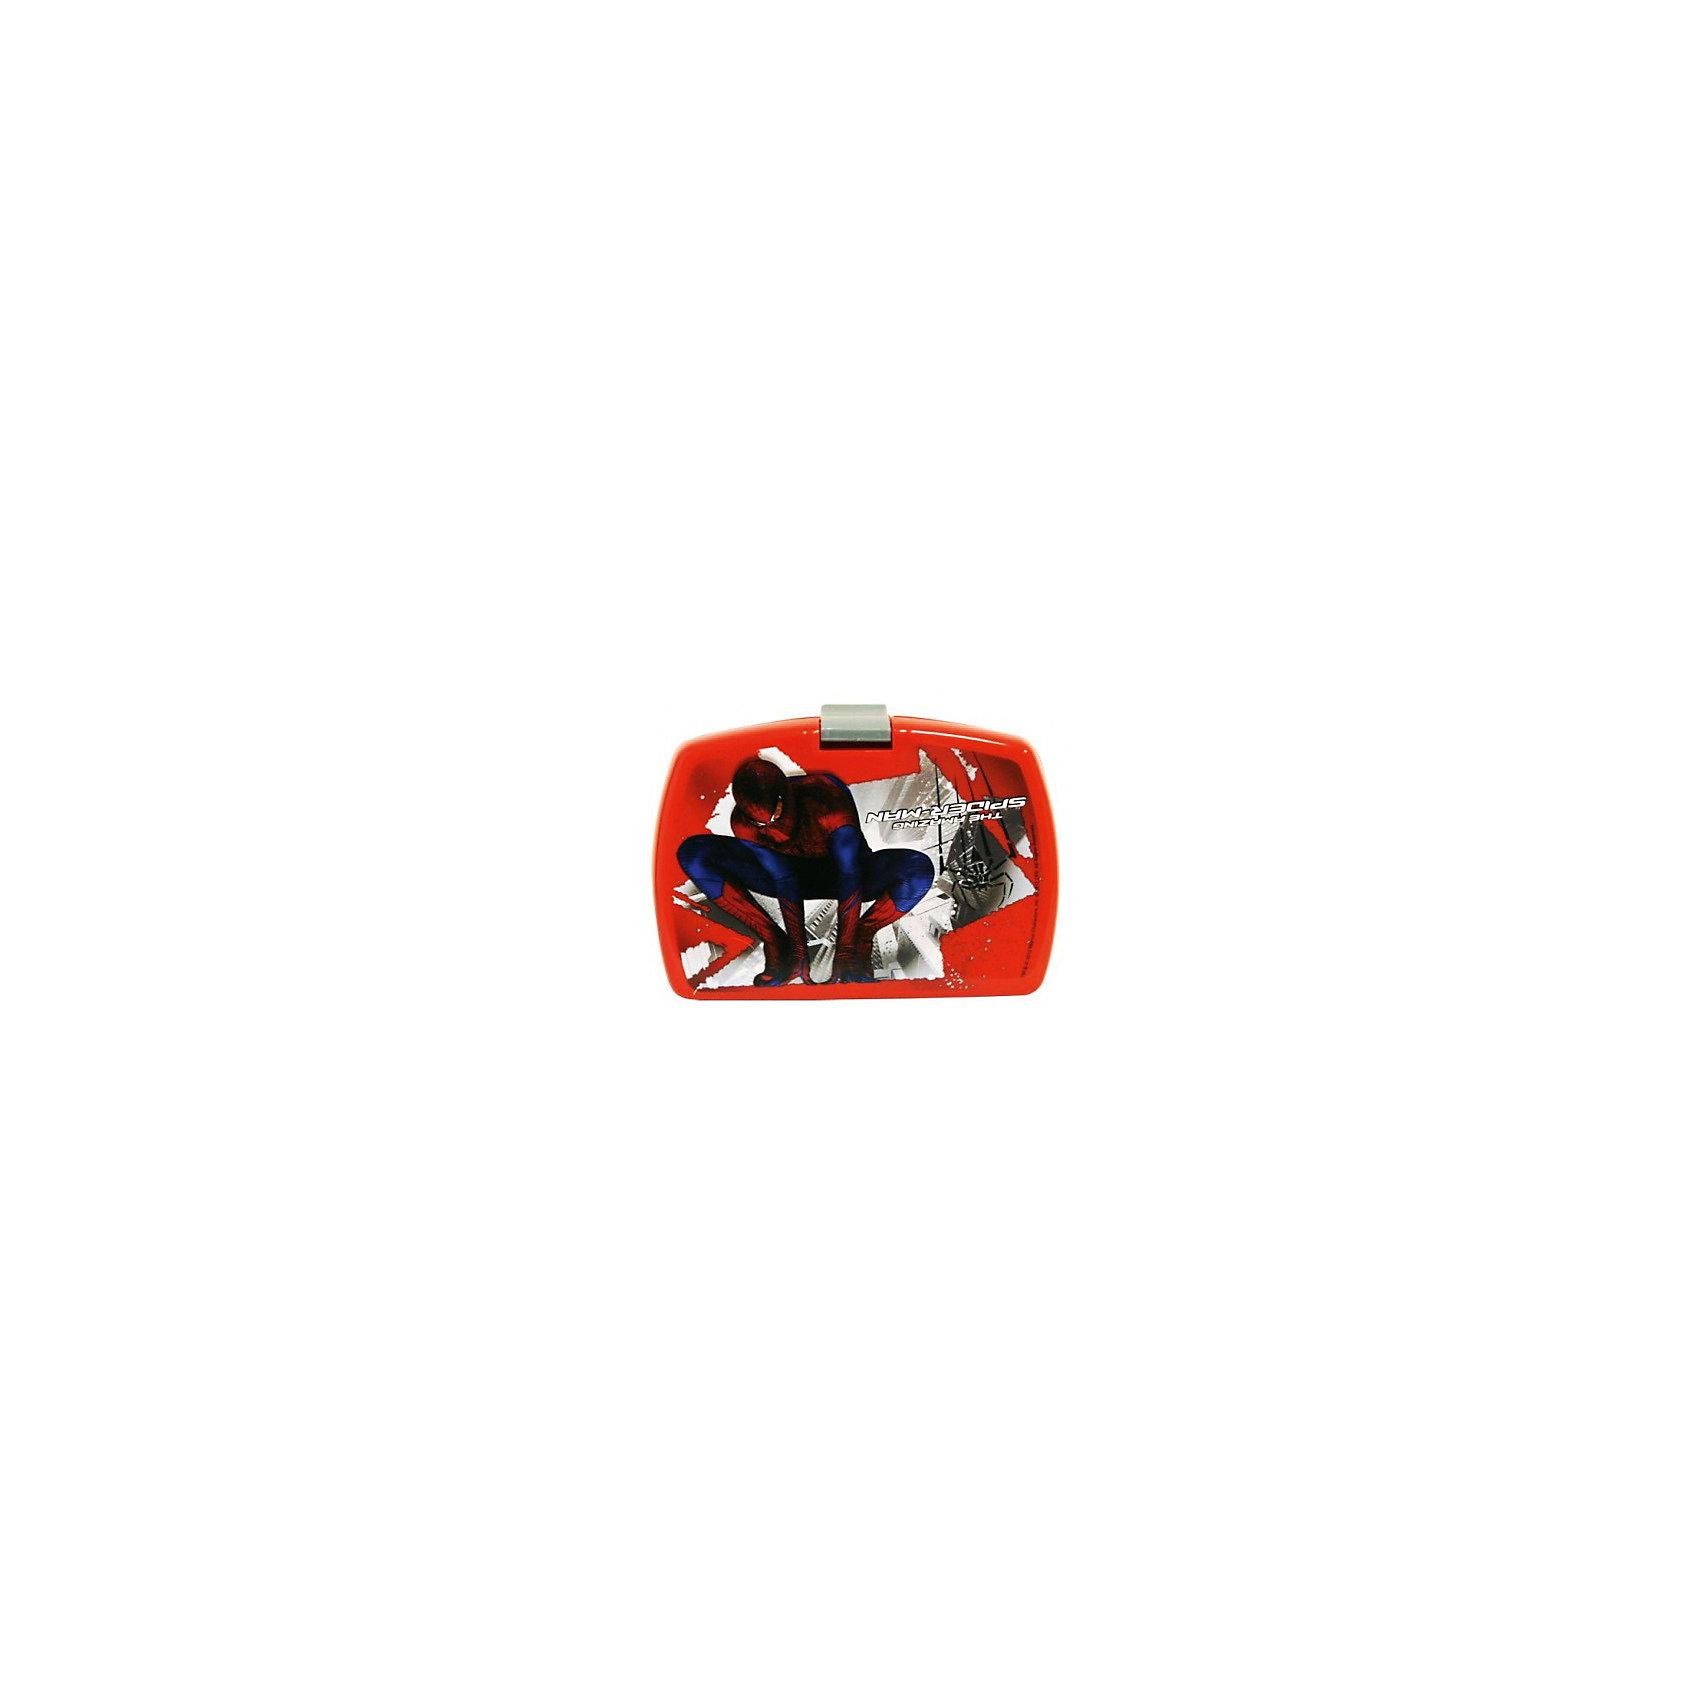 Бутербродница Человек-Паук 16*10*7 смБутербродница Человек-Паук изготовлена из прочного гипоаллергенного пластика абсолютно безопасного для детей. Пластиковая посуда удобна и практична, ее можно брать с собой куда угодно, не беспокоясь о том, что она может разбиться. Яркий дизайн и изображения любимых героев обязательно порадуют вашего ребенка. Бутербродница - идеальный вариант для хранения детских завтраков, она оснащена удобным замком, с которым сможет справиться даже маленький ребенок, а благодаря твердой конструкции пища не помнется и не раскрошится в рюкзаке или сумке. <br><br>Дополнительная информация:<br><br>- Материал: пластик.<br>- Размер: 16?10?7 см.<br>- 2 емкости внутри.<br>- Удобный замок.<br><br>Бутербродницу Человек-Паук (Spider-Man), 16х10х7 см, можно купить в нашем магазине.<br><br>Ширина мм: 160<br>Глубина мм: 100<br>Высота мм: 70<br>Вес г: 150<br>Возраст от месяцев: 36<br>Возраст до месяцев: 144<br>Пол: Унисекс<br>Возраст: Детский<br>SKU: 4548417